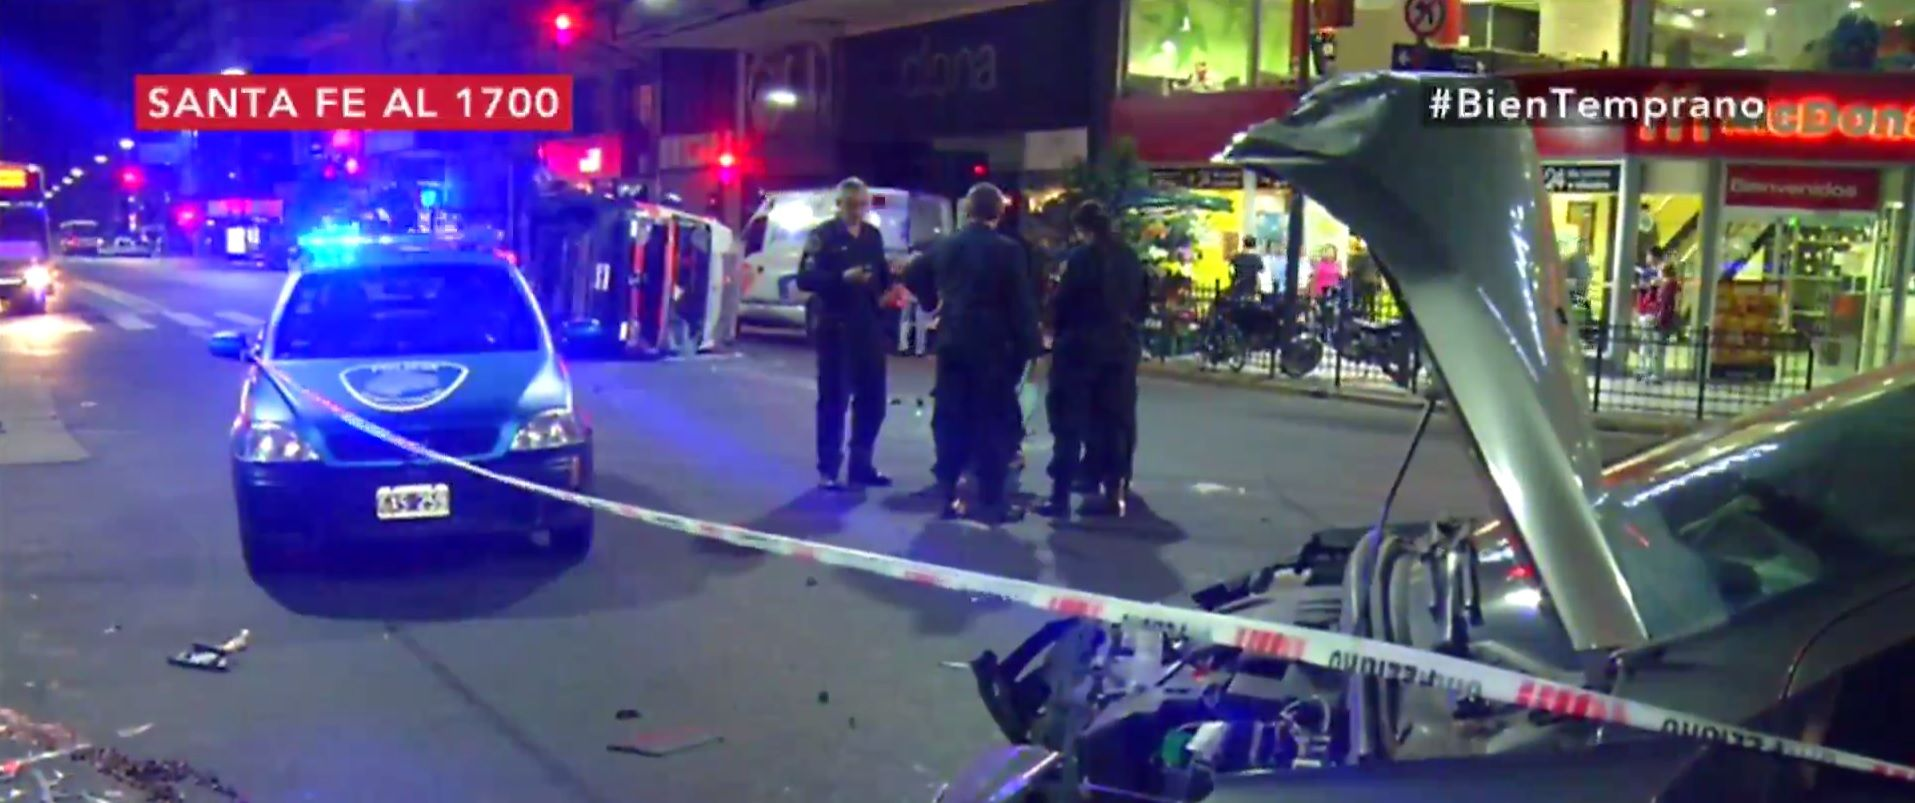 Recoleta: una ambulancia chocó contra un auto y volcó